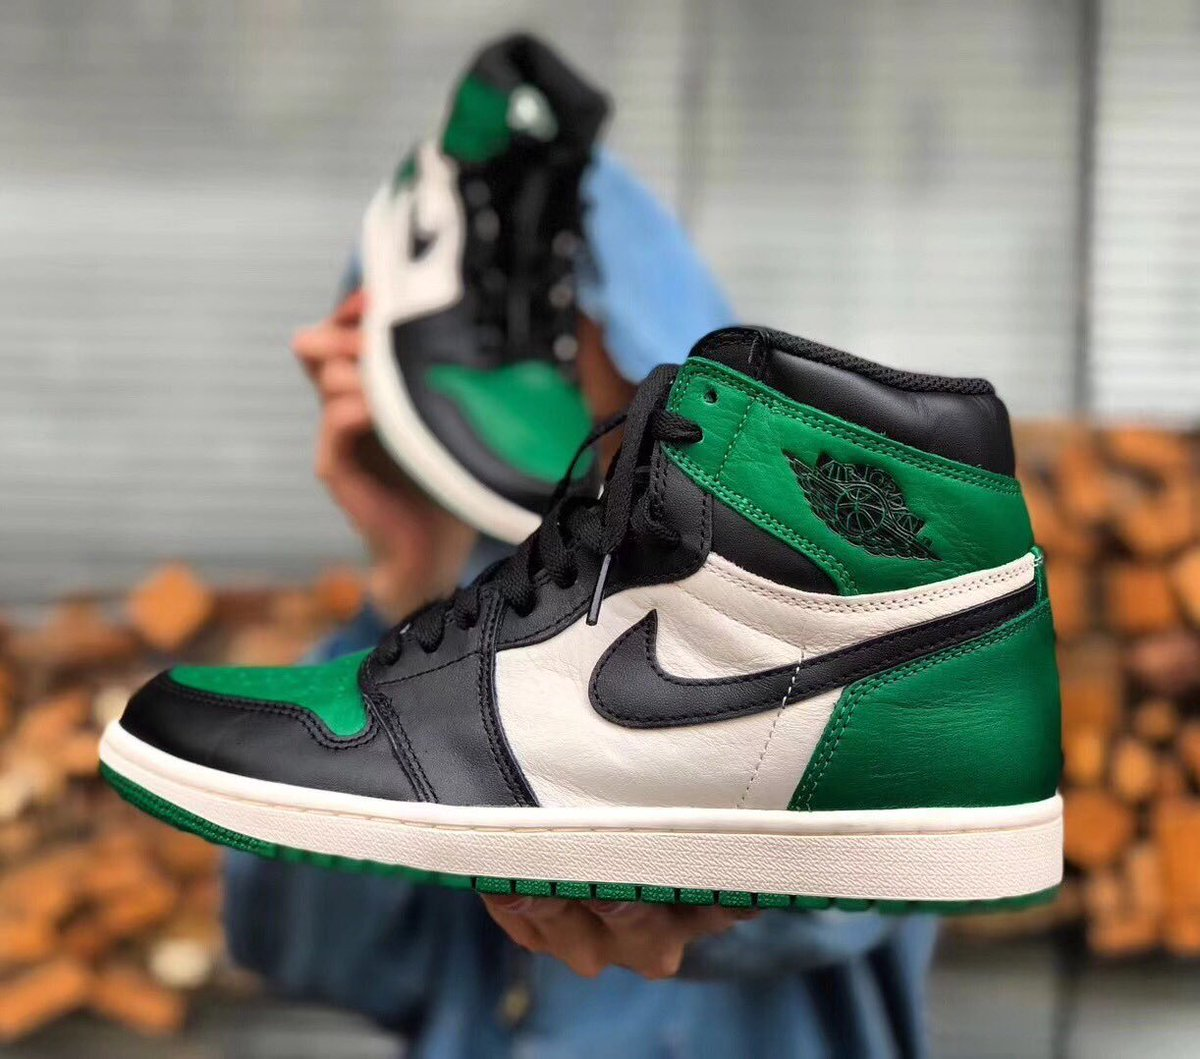 dacd2237a62ba0 The Air Jordan 1 Retro High OG